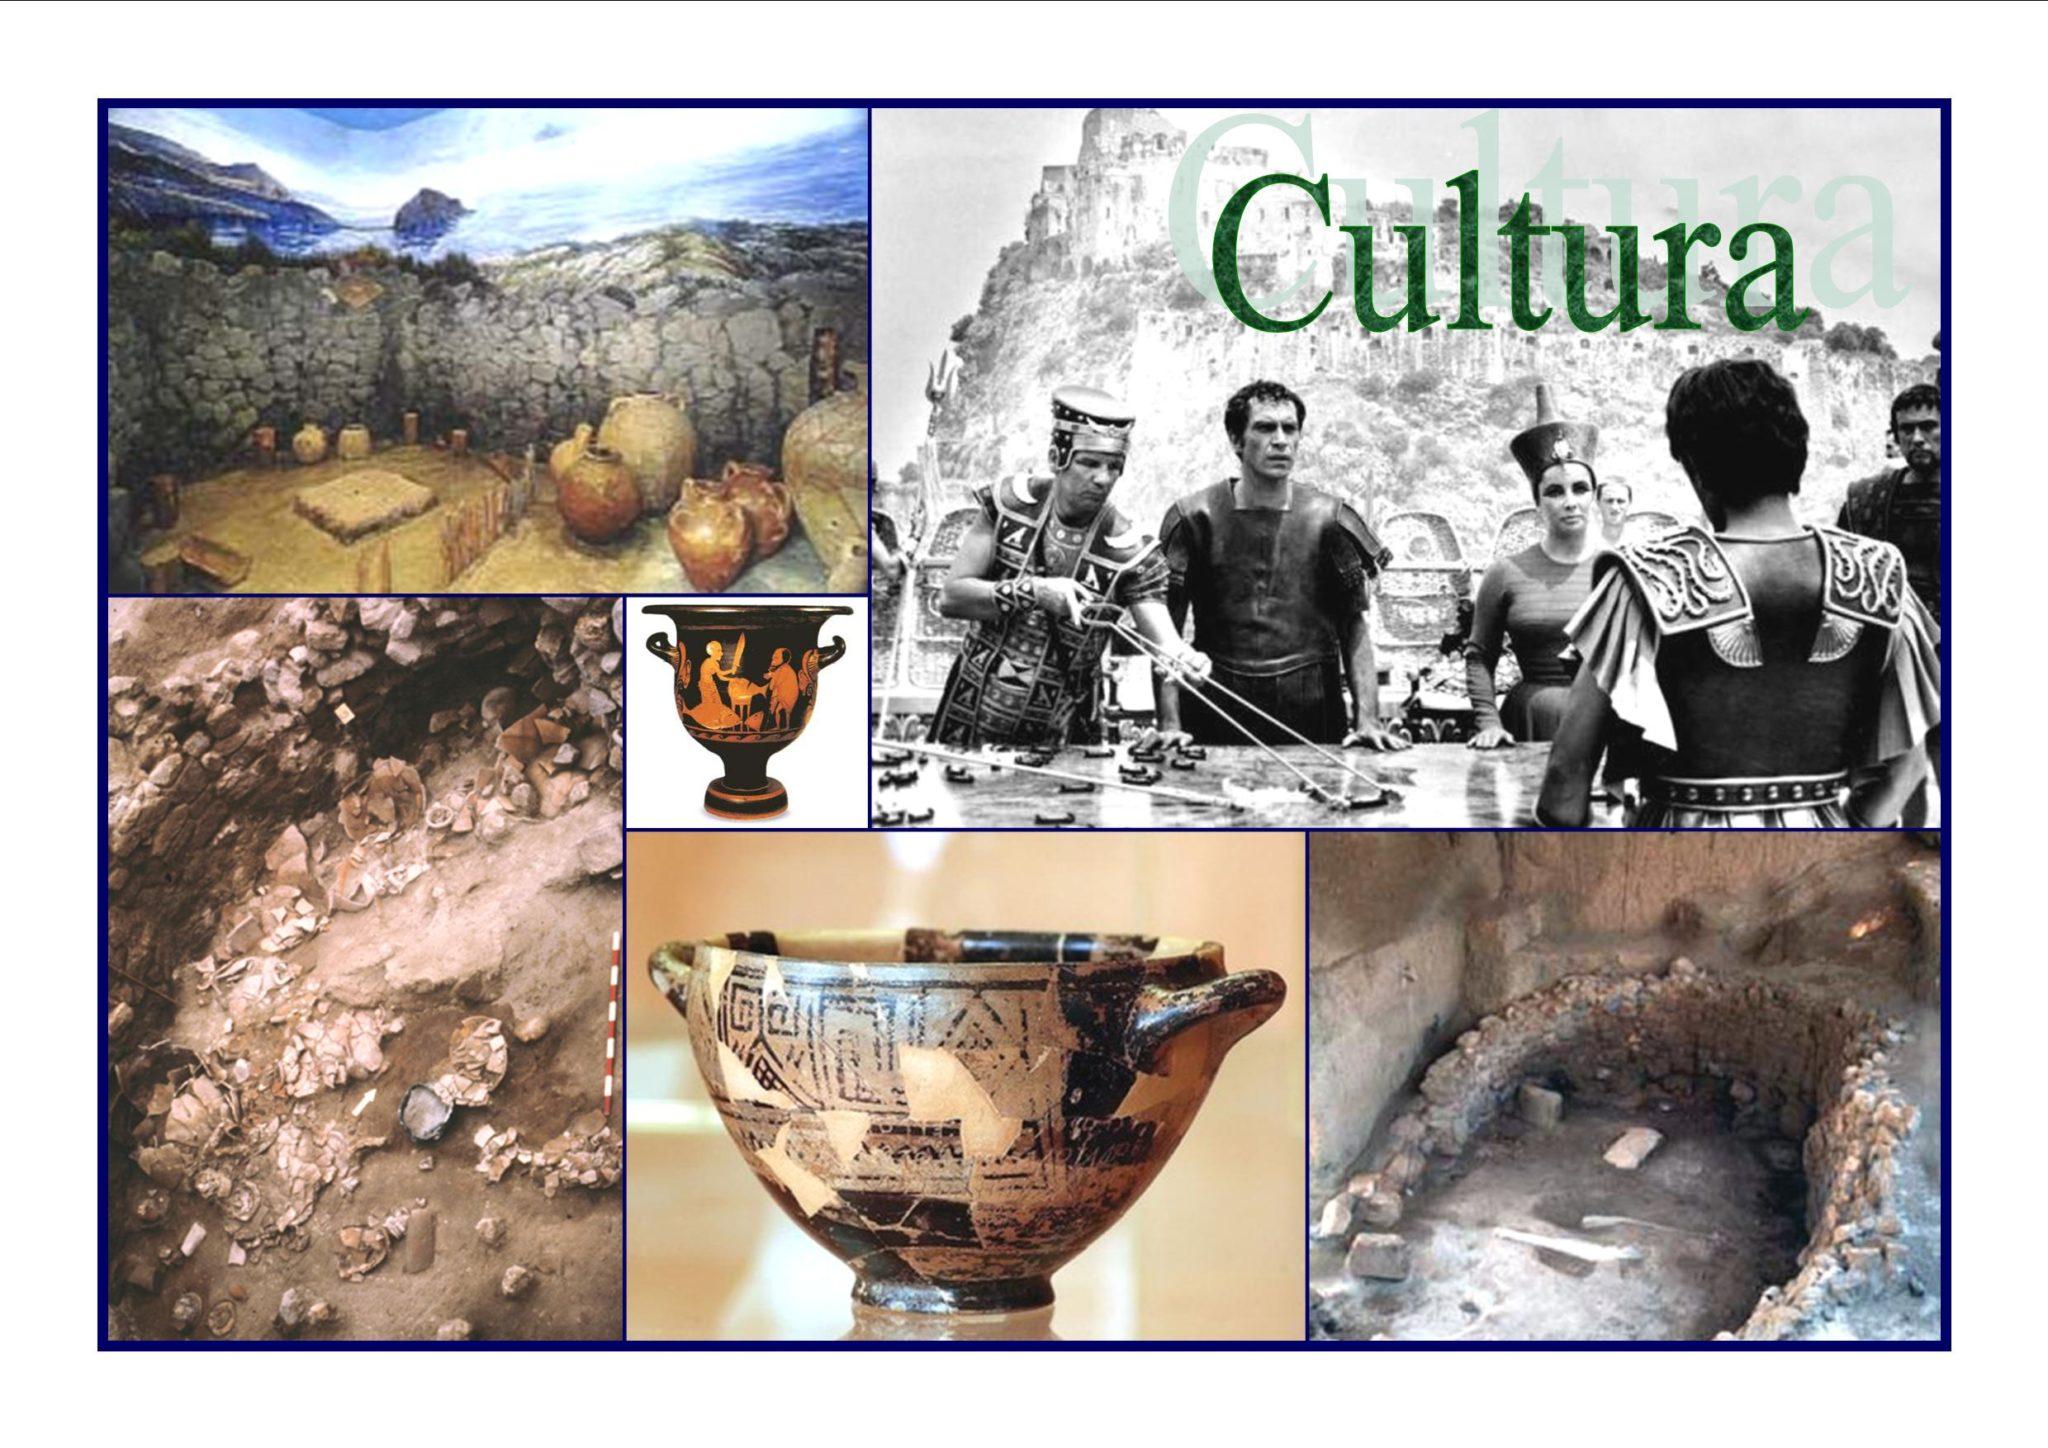 Cultura e tradizione ad Ischia: Ritrovamenti e scavi archeologici a Punta Chiarito, la famosa coppa di Netore e film Cleopatra al Castello Aragonese